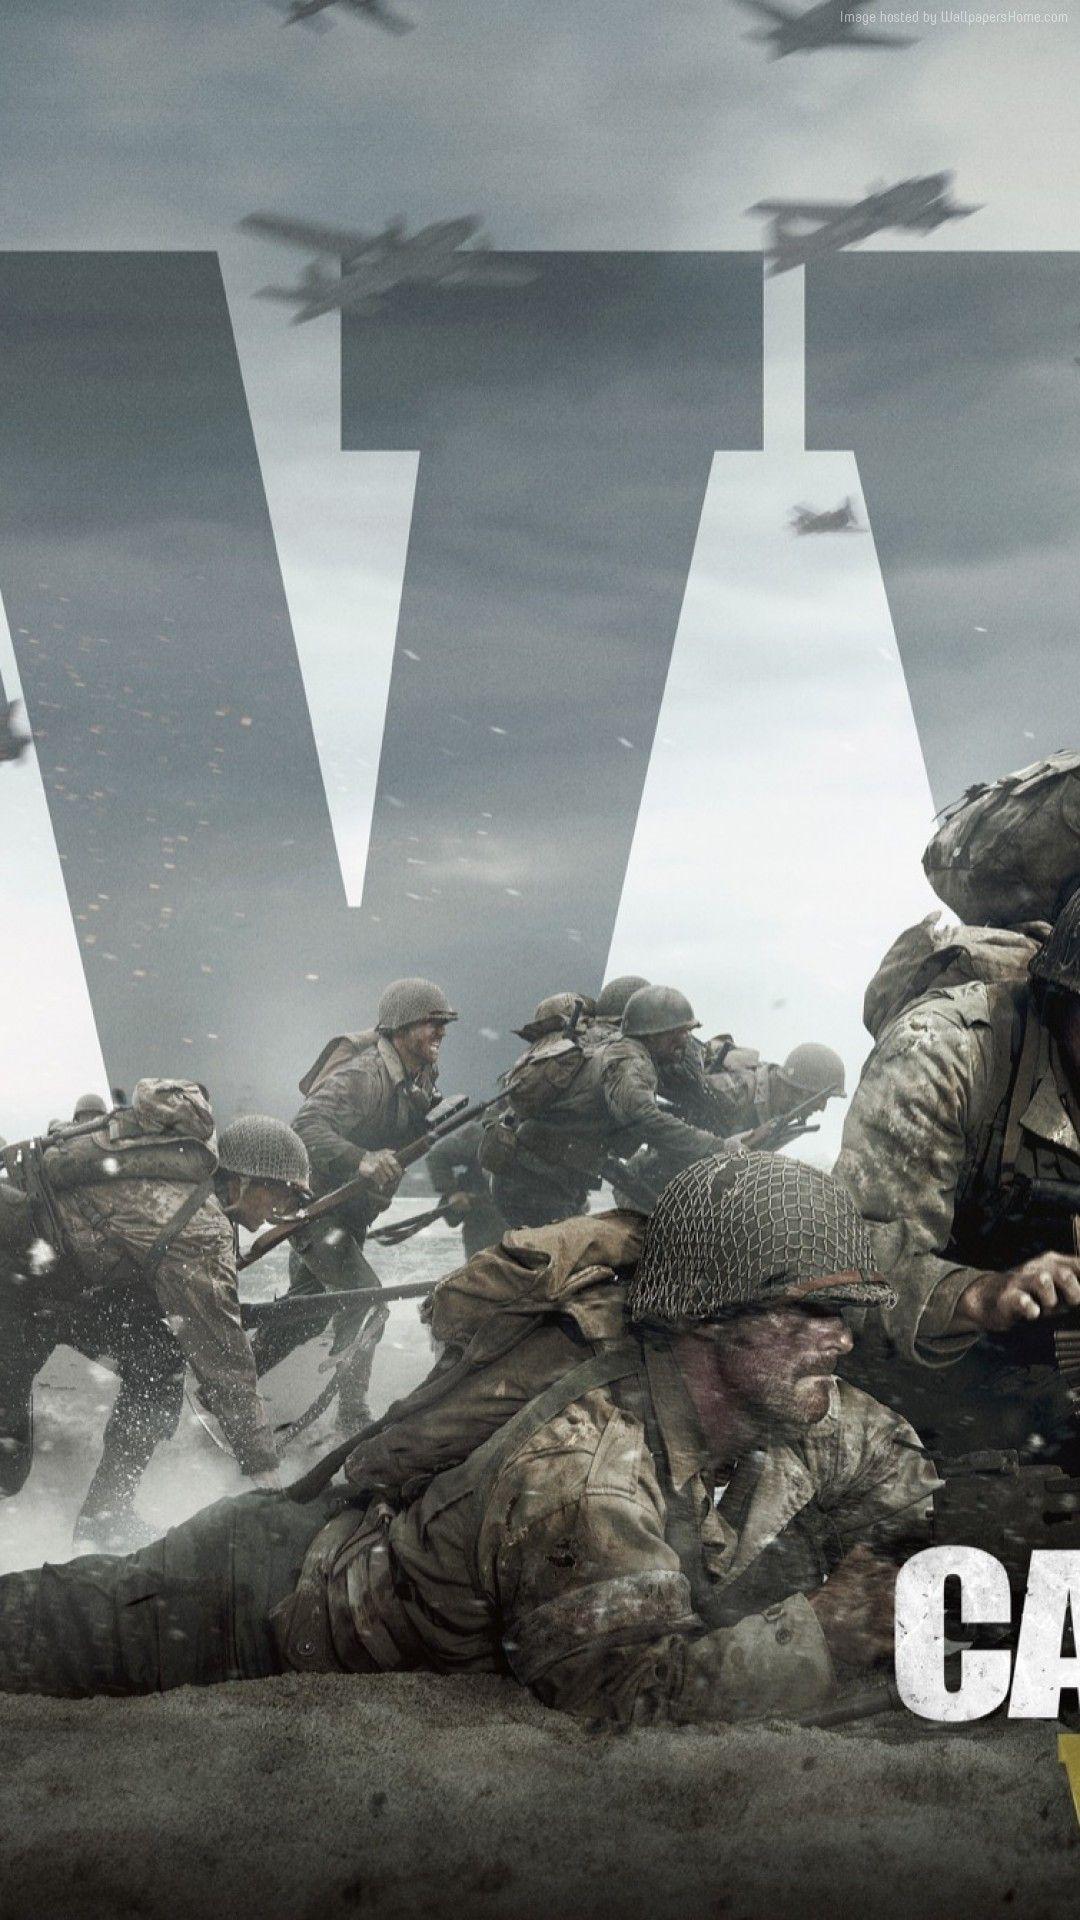 Lovely Call Of Duty World War 2 iPhone Wallpaper